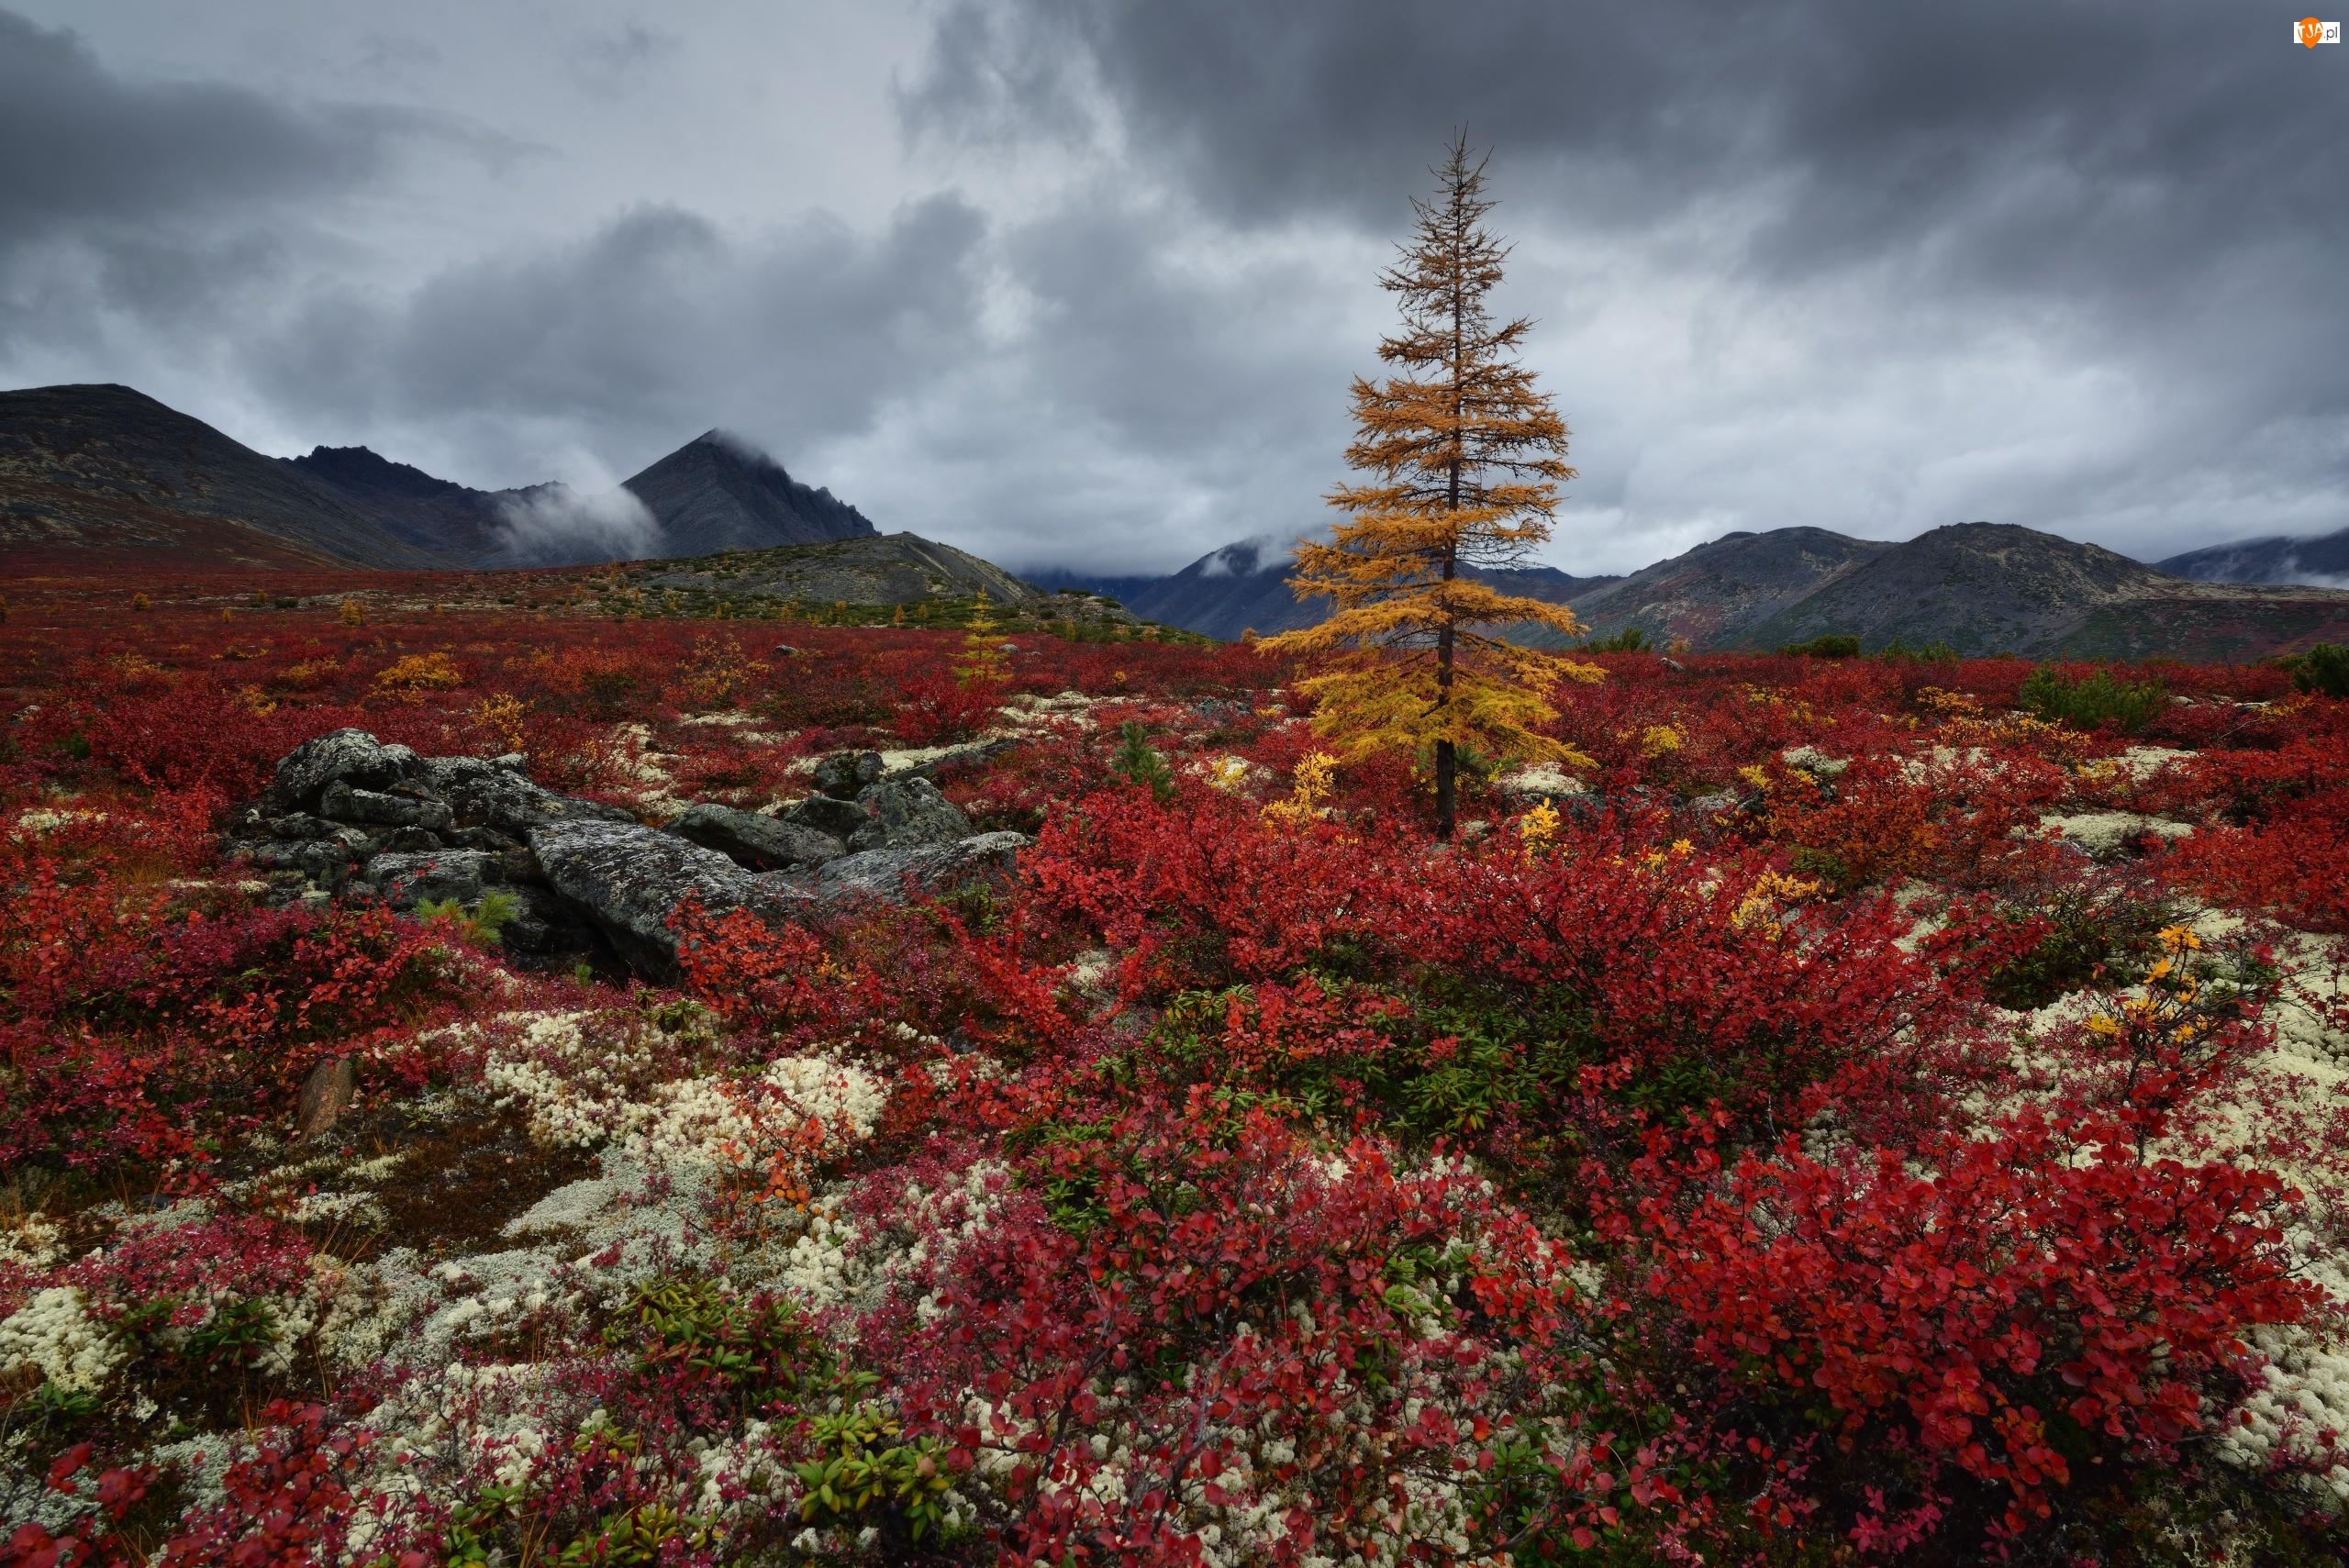 Kołyma, Drzewa, Kamienie, Obwód magadański, Góry Kołymskie, Jesień, Rosja, Roślinność